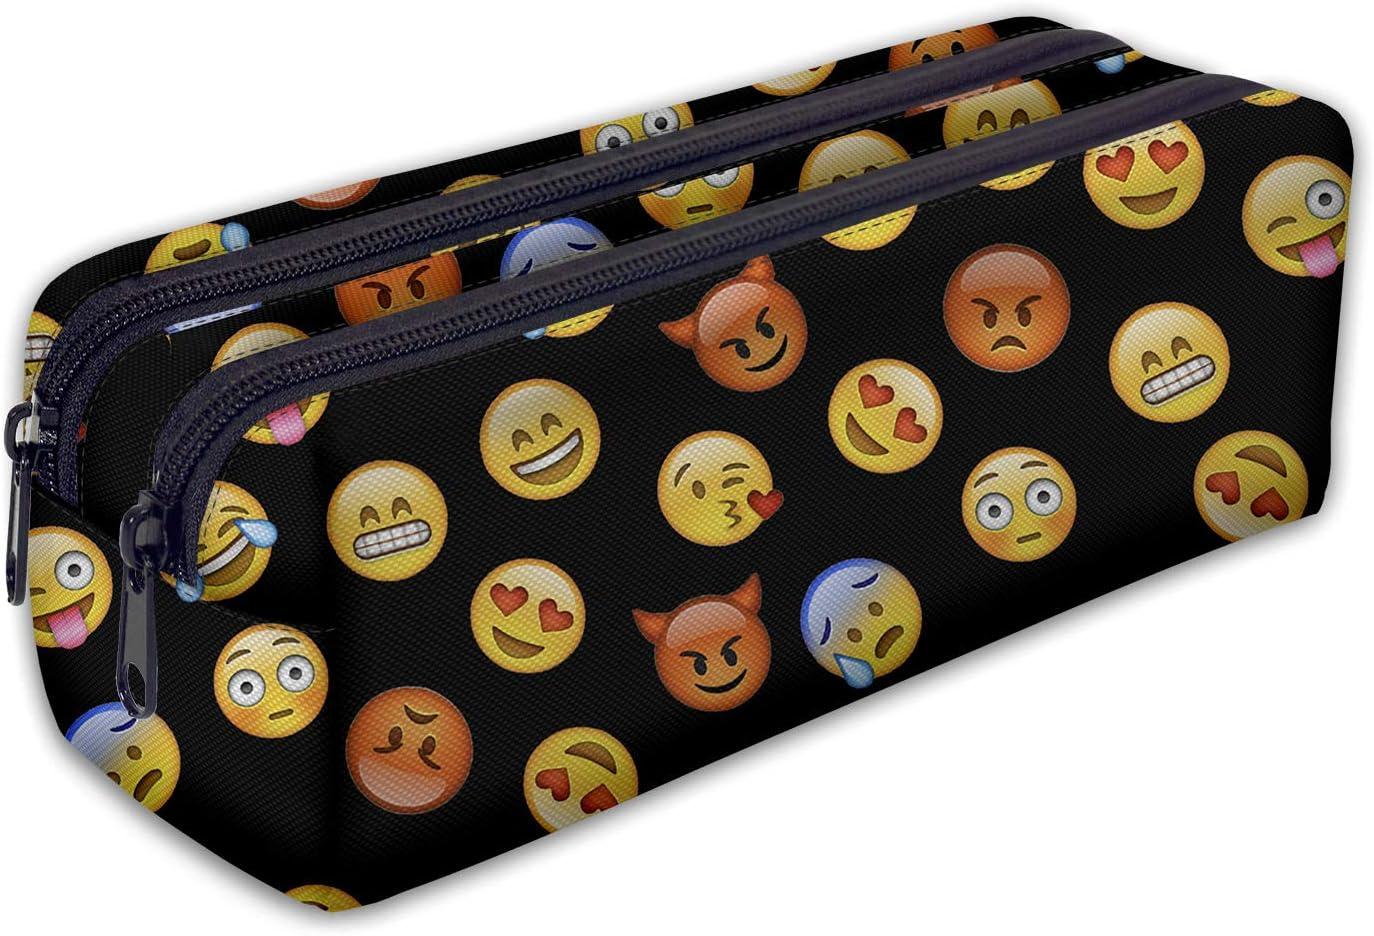 Estuches plumier la tuba Estuche Lapices de gran capacidad de Colores Para Niñas y Niño Emoji Black [107]: Amazon.es: Juguetes y juegos